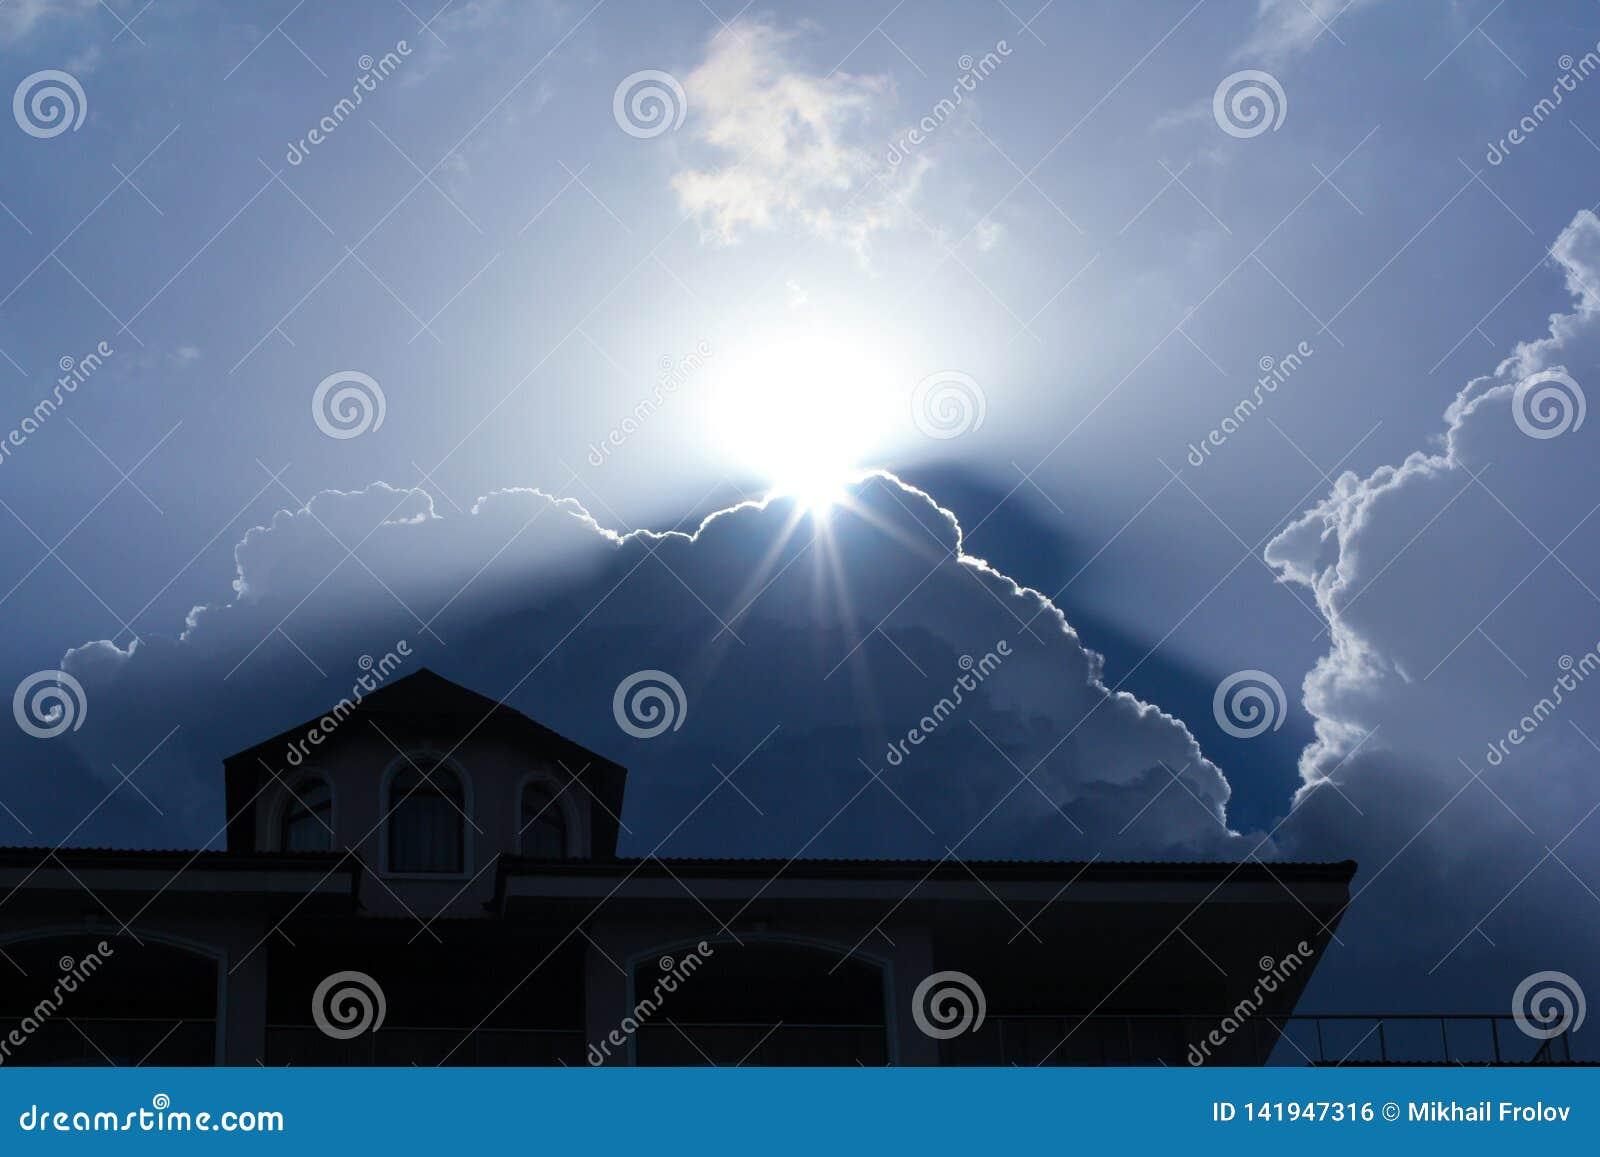 Le soleil se lève derrière le nuage